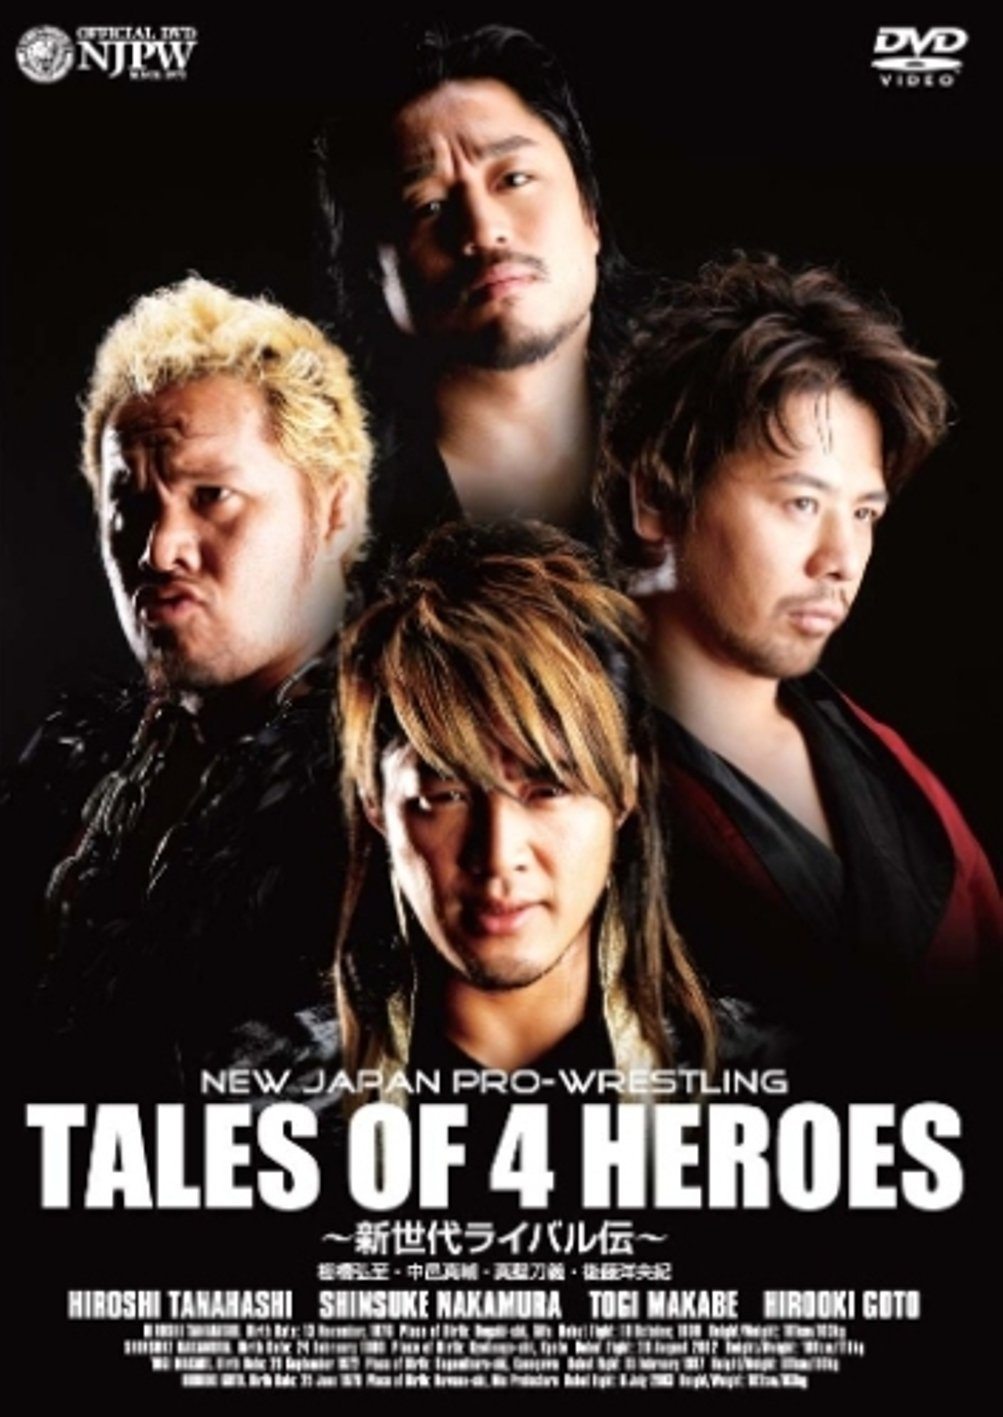 新日本プロレス 新世代ライバル伝 TALES OF 4 HEROES